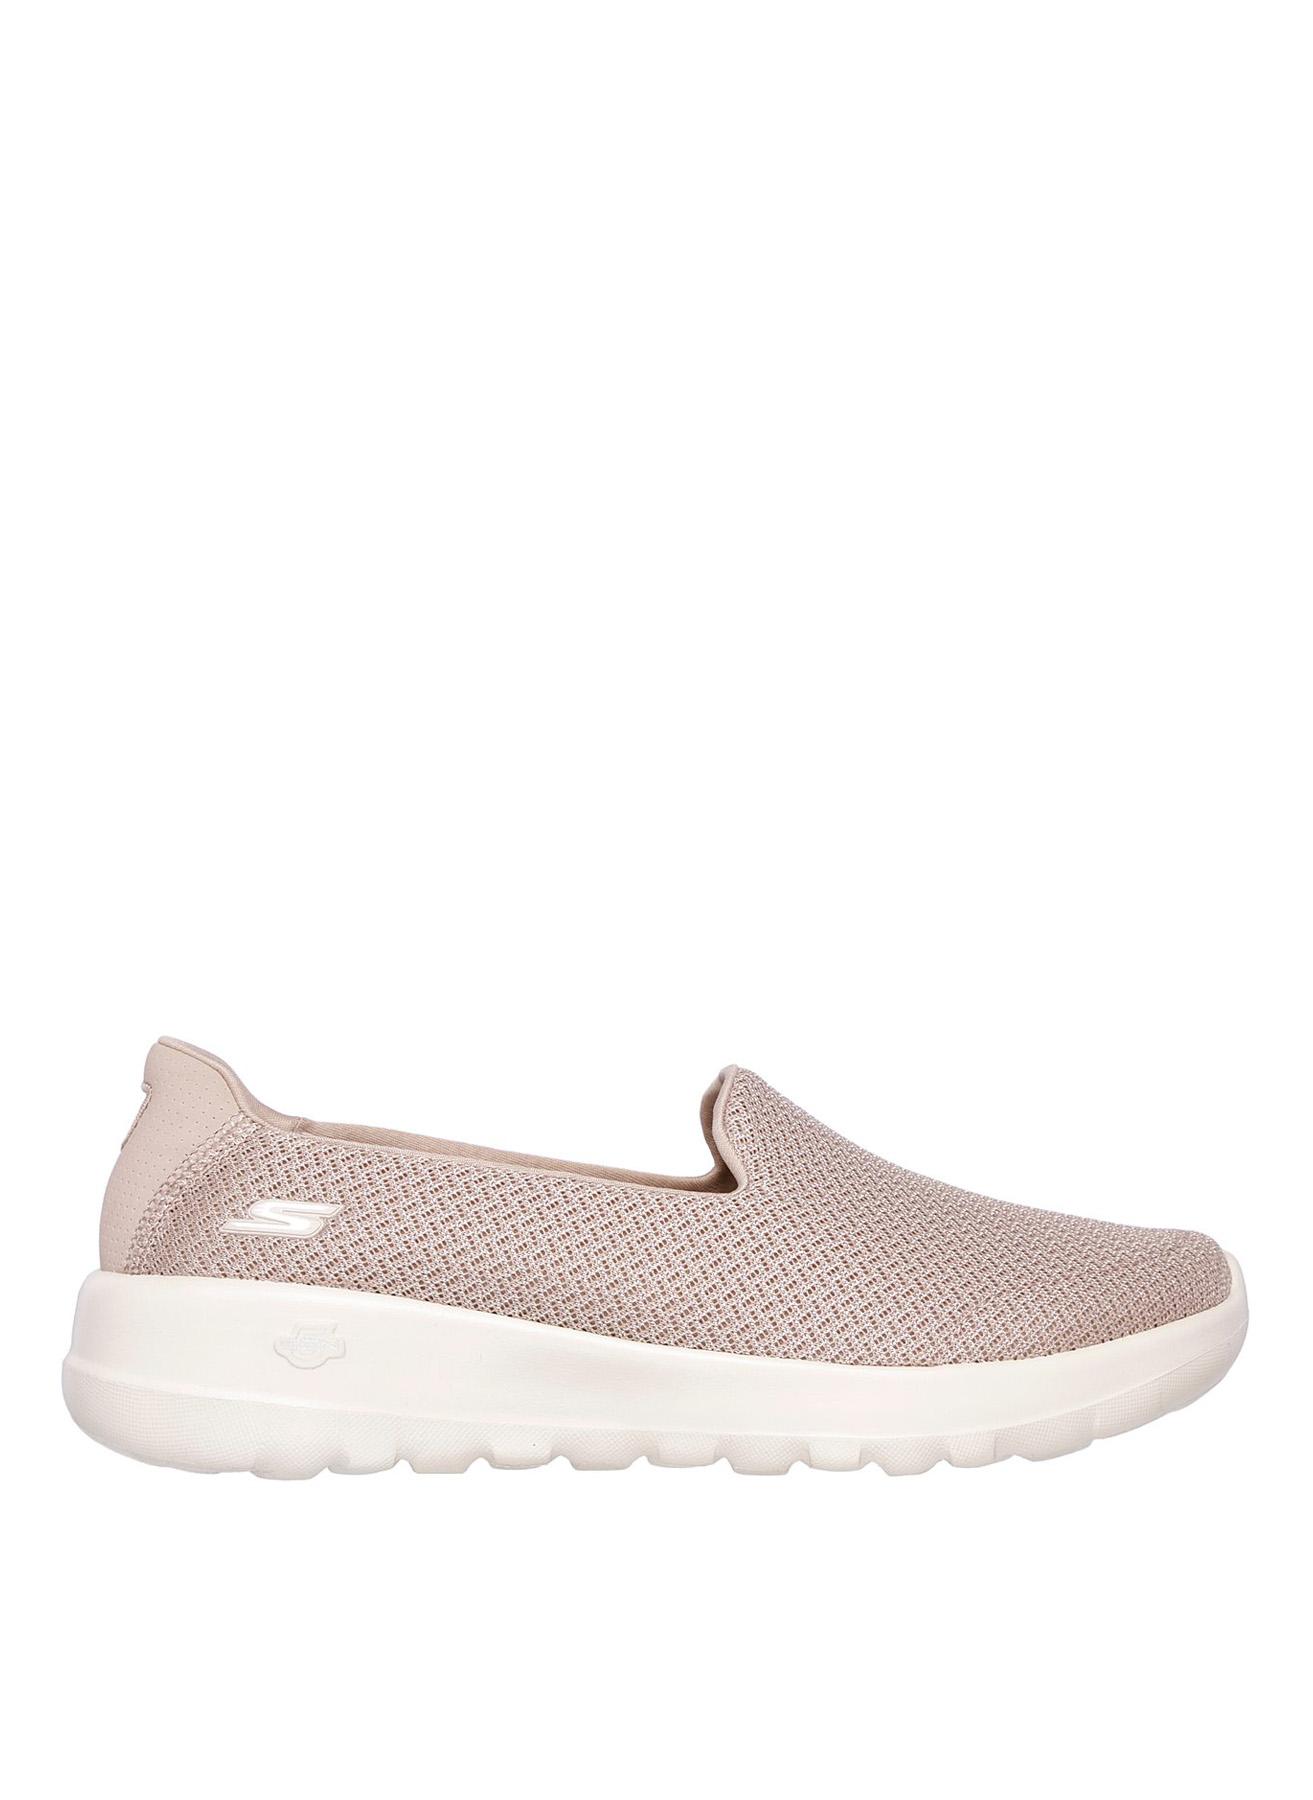 36 Bej Skechers Go Walk Joy- Splendid Koşu Ayakkabısı 5001910064002 & Çanta Kadın Spor